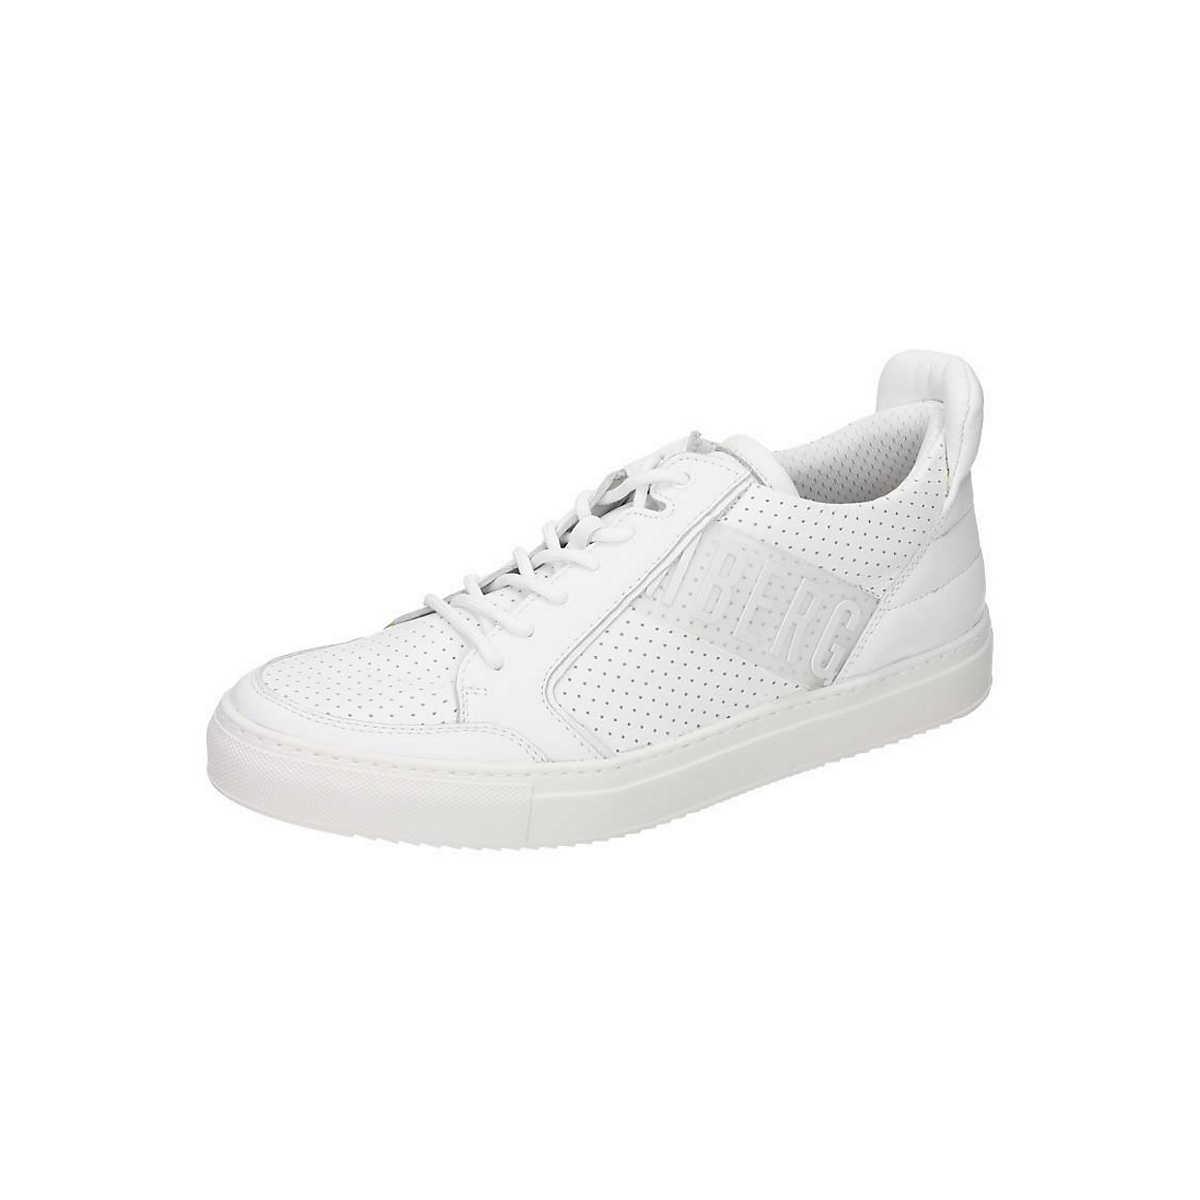 Bikkembergs Sneakers weiÃ?Â? - Bikkembergs - Sneakers - Schuhe - mirapodo.de